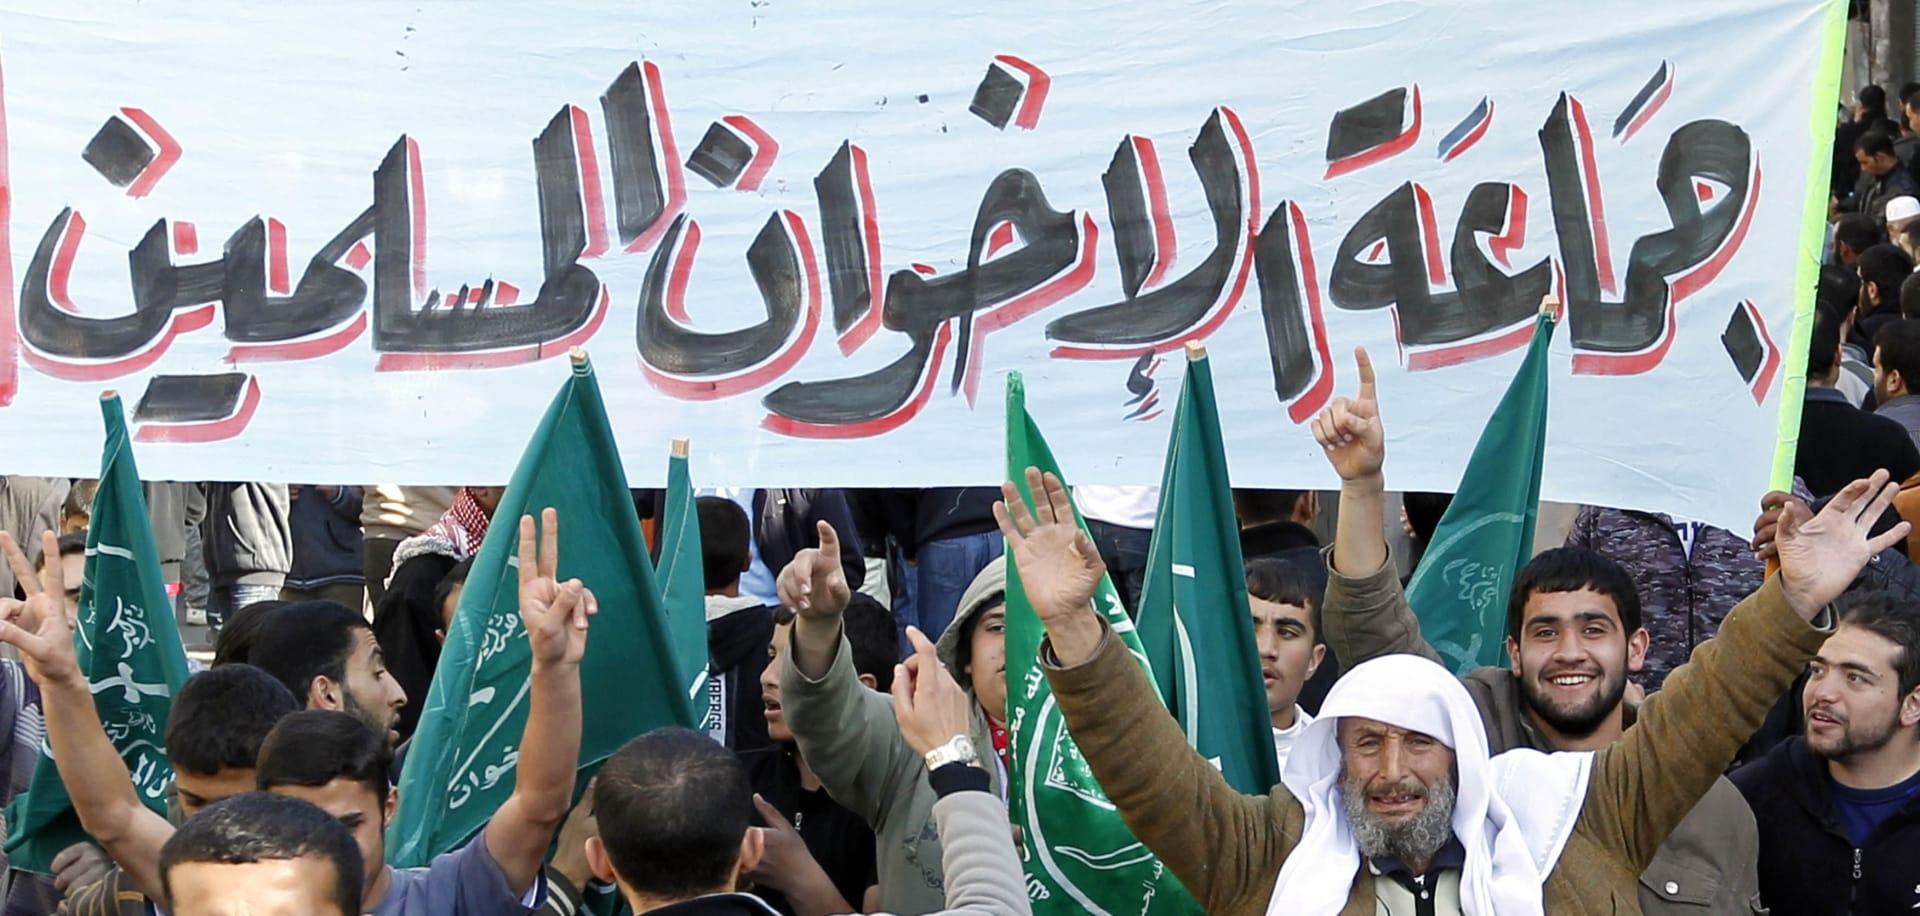 صحف: هل تمنح تونس اللجوء السياسي لإخوان مصر؟